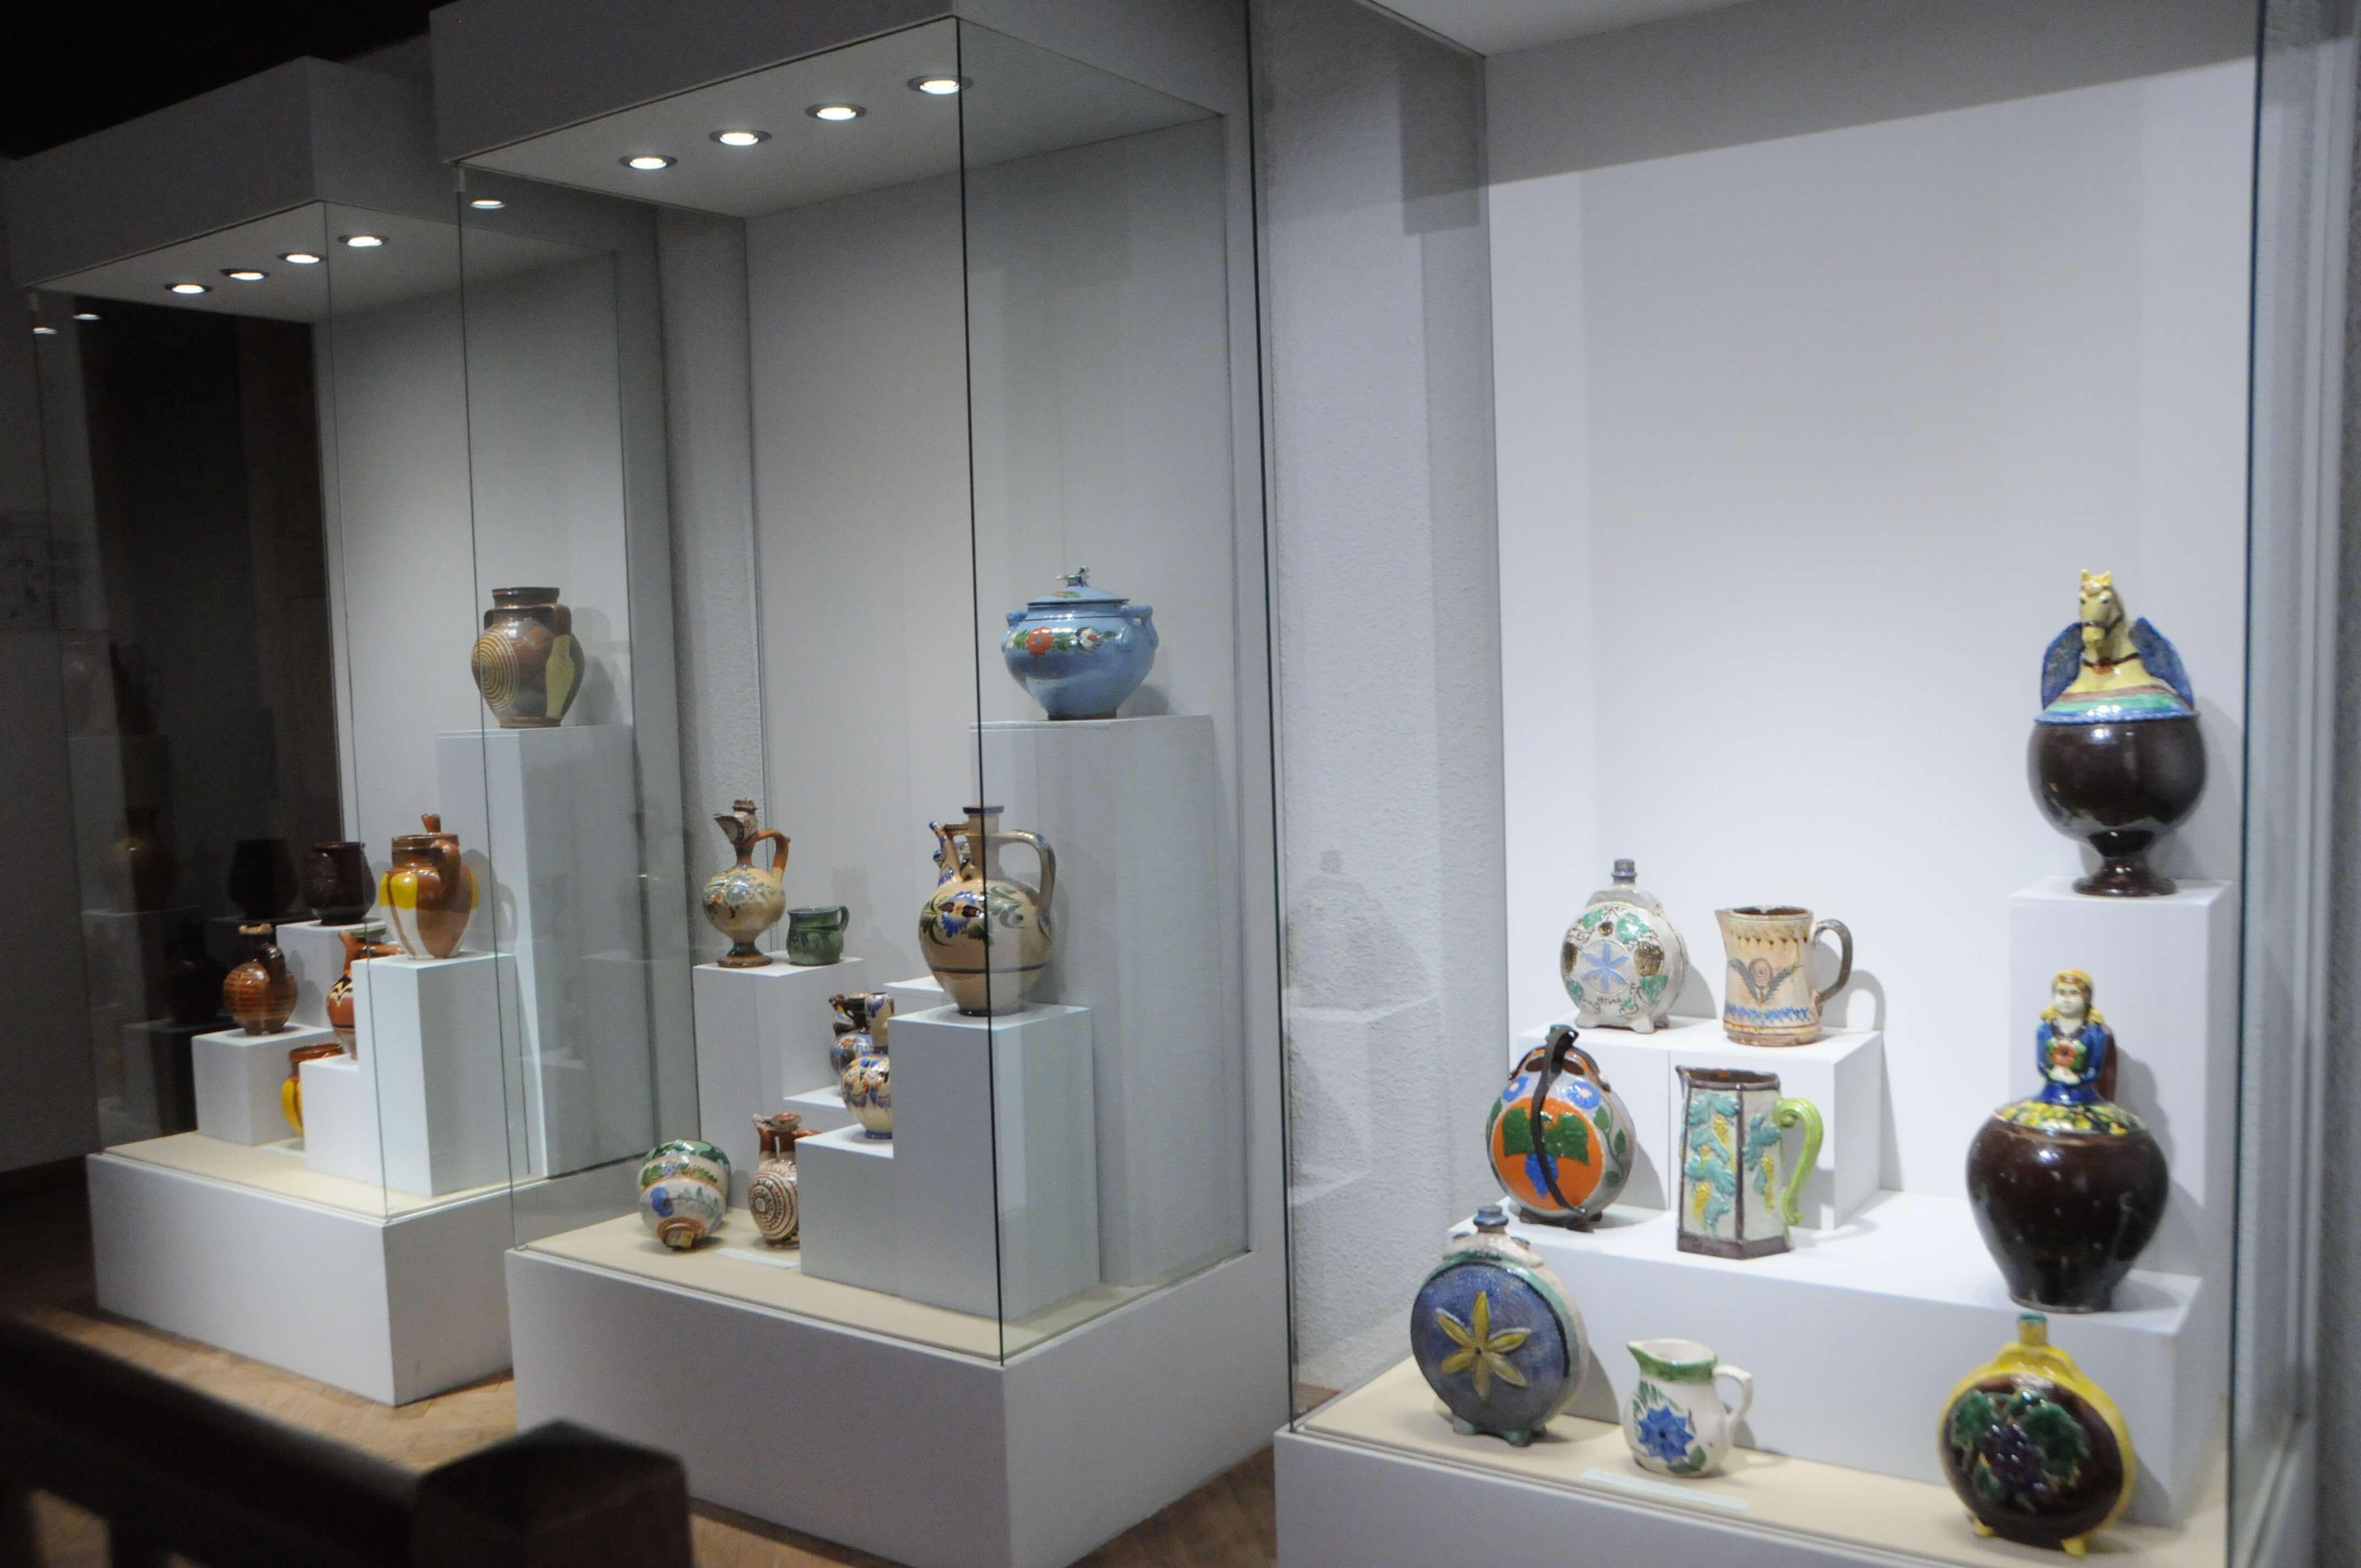 bogatstvoto-na-troyanskata-keramika (16)